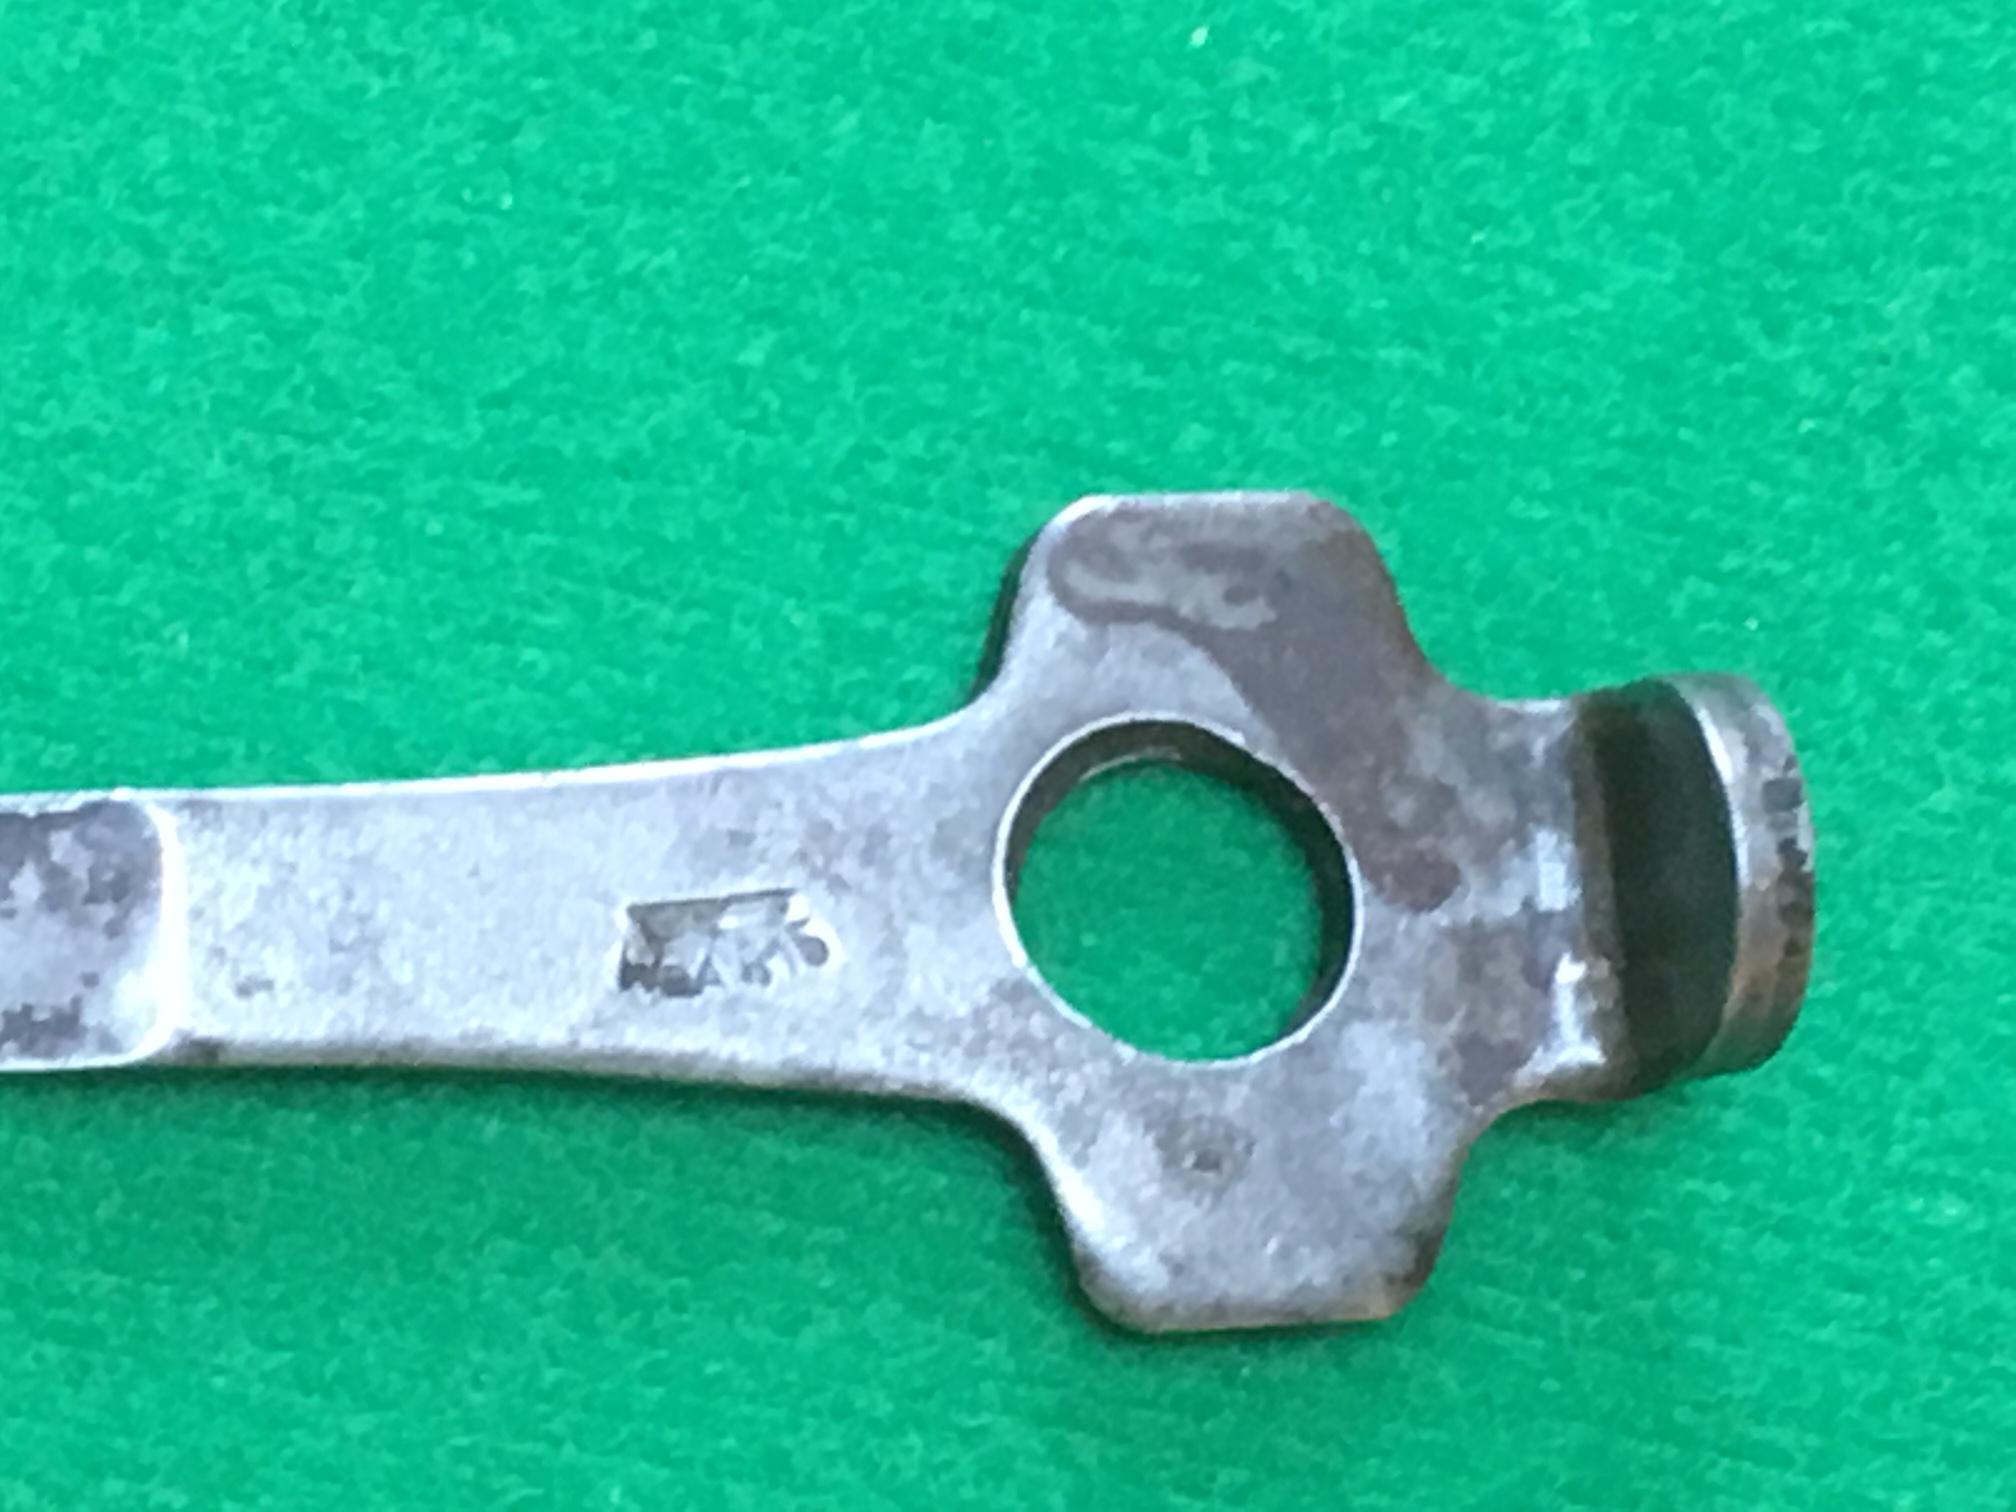 Les petits outils pour les P 08 de l'armée allemande de 1934 à 1942. 180314121119888285